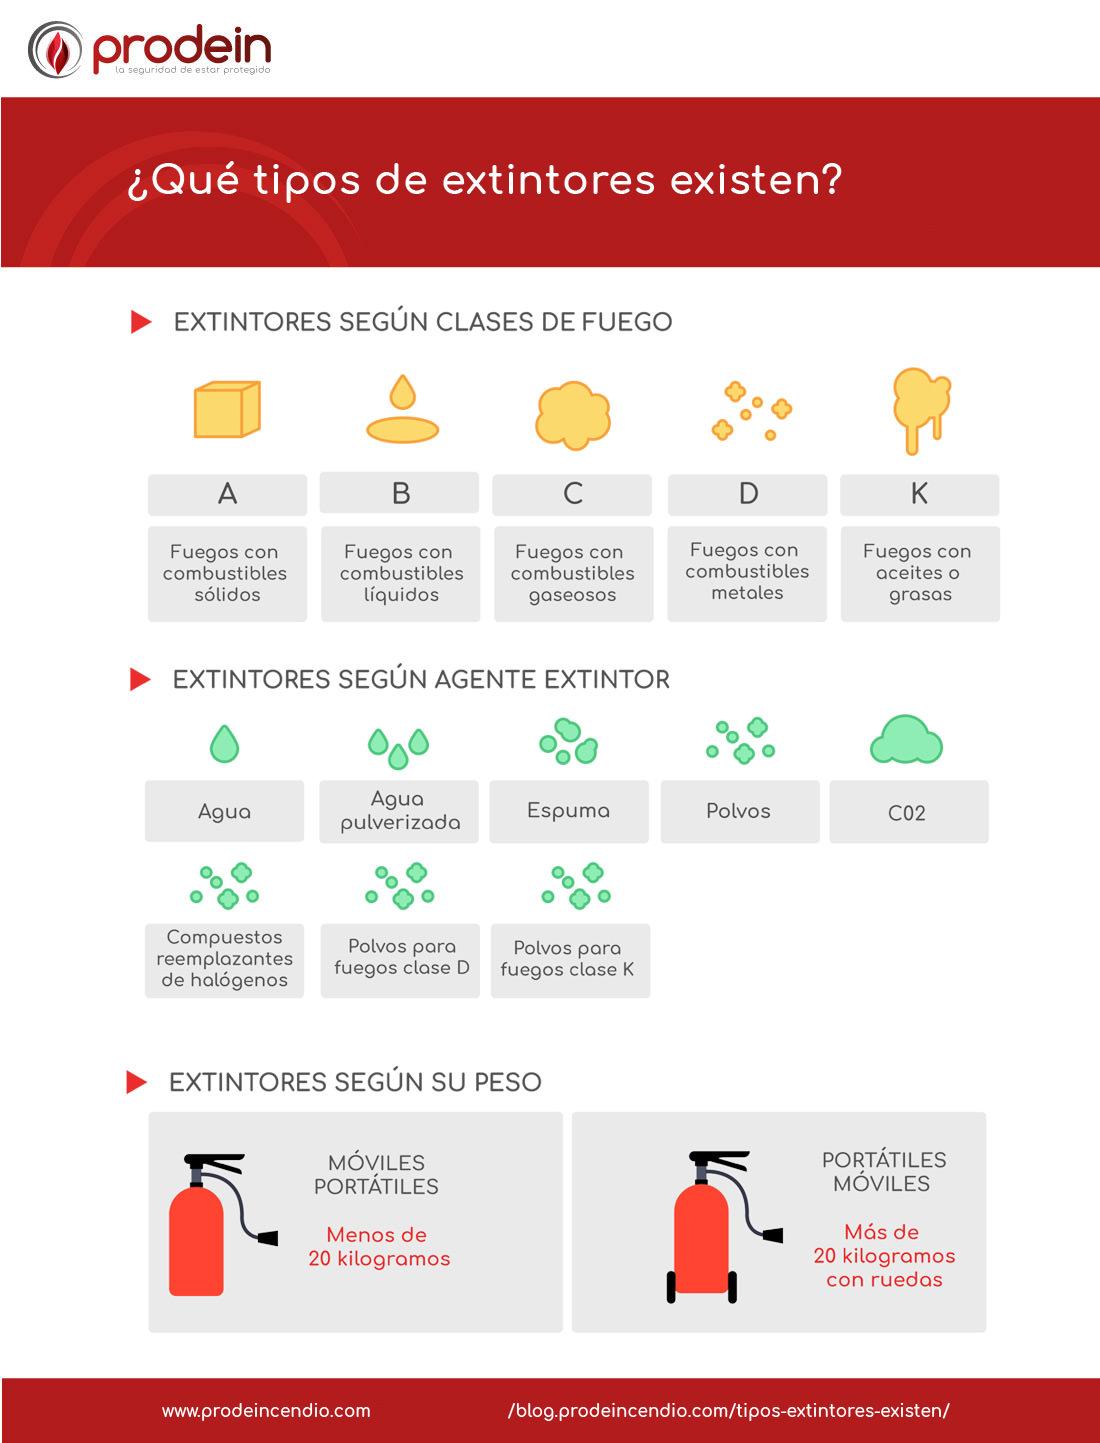 Qué tipos de extintores existen